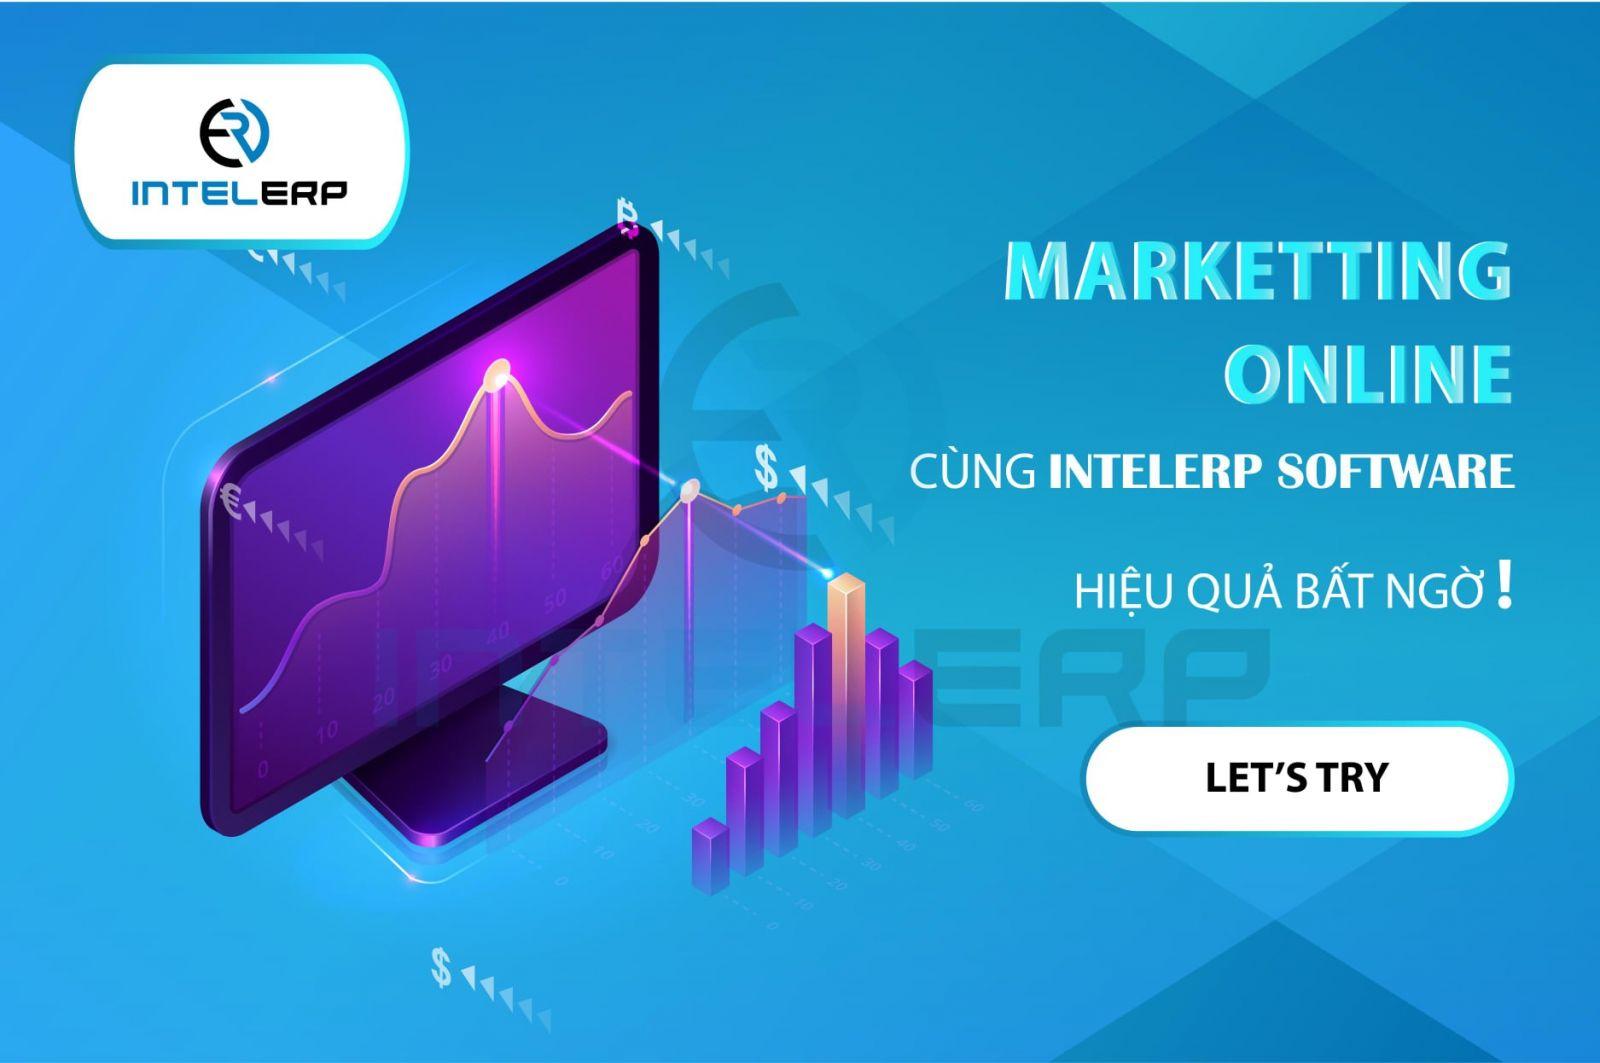 Marketing Online cùng IntelERP Softwares Hiệu quả bất ngờ